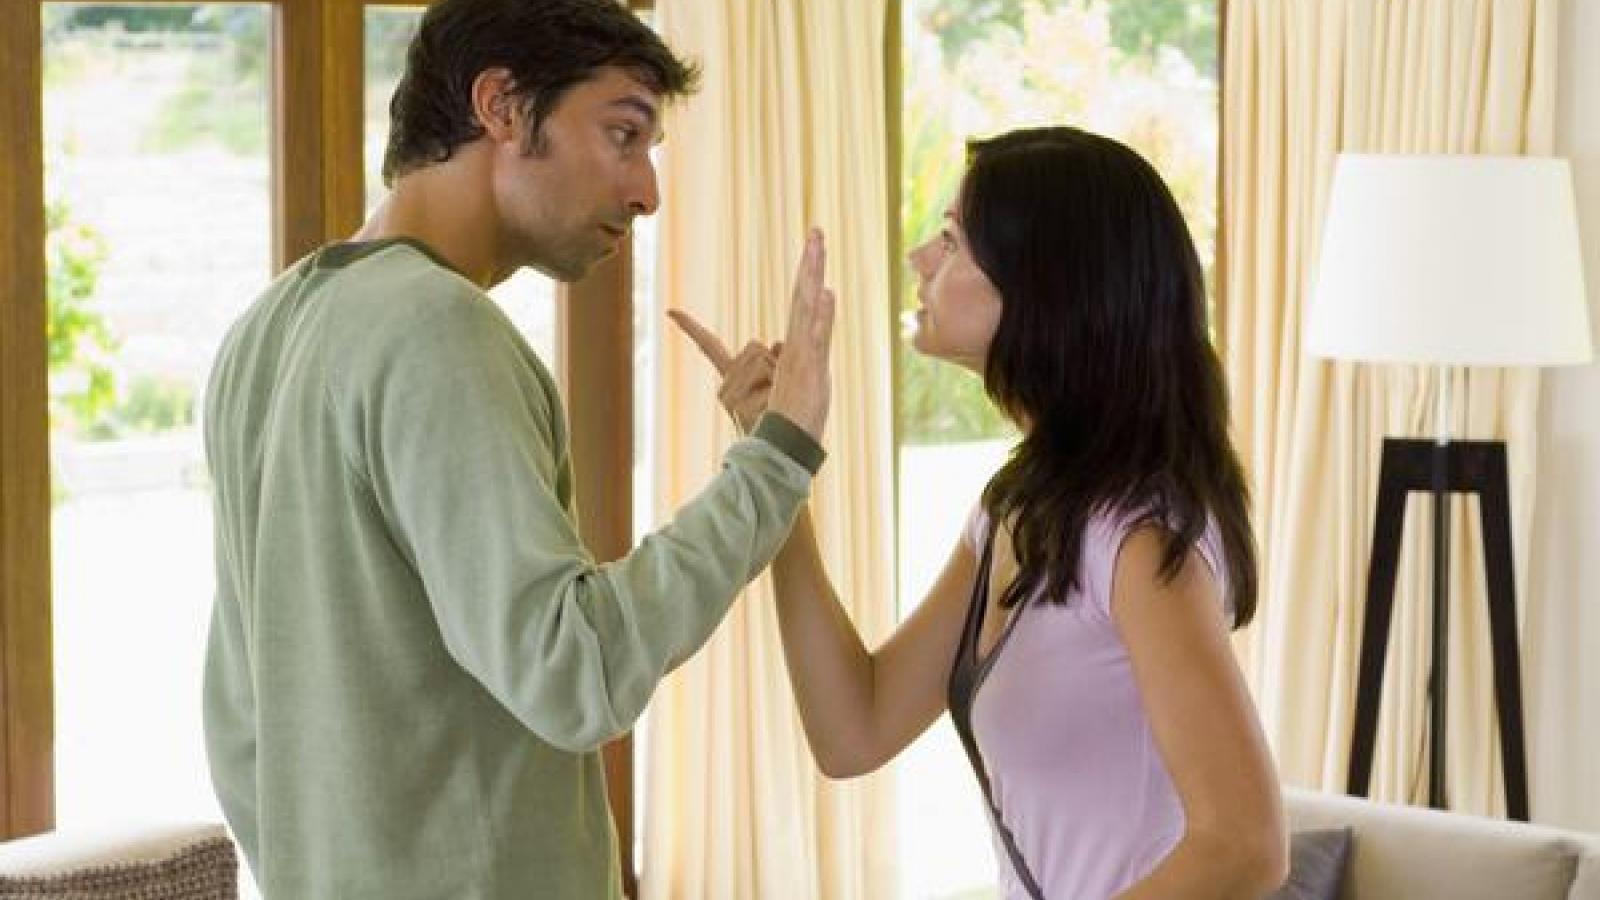 Làm thế nào để rời khỏi một mối quan hệ độc hại khi bạn vẫn yêu người ấy?